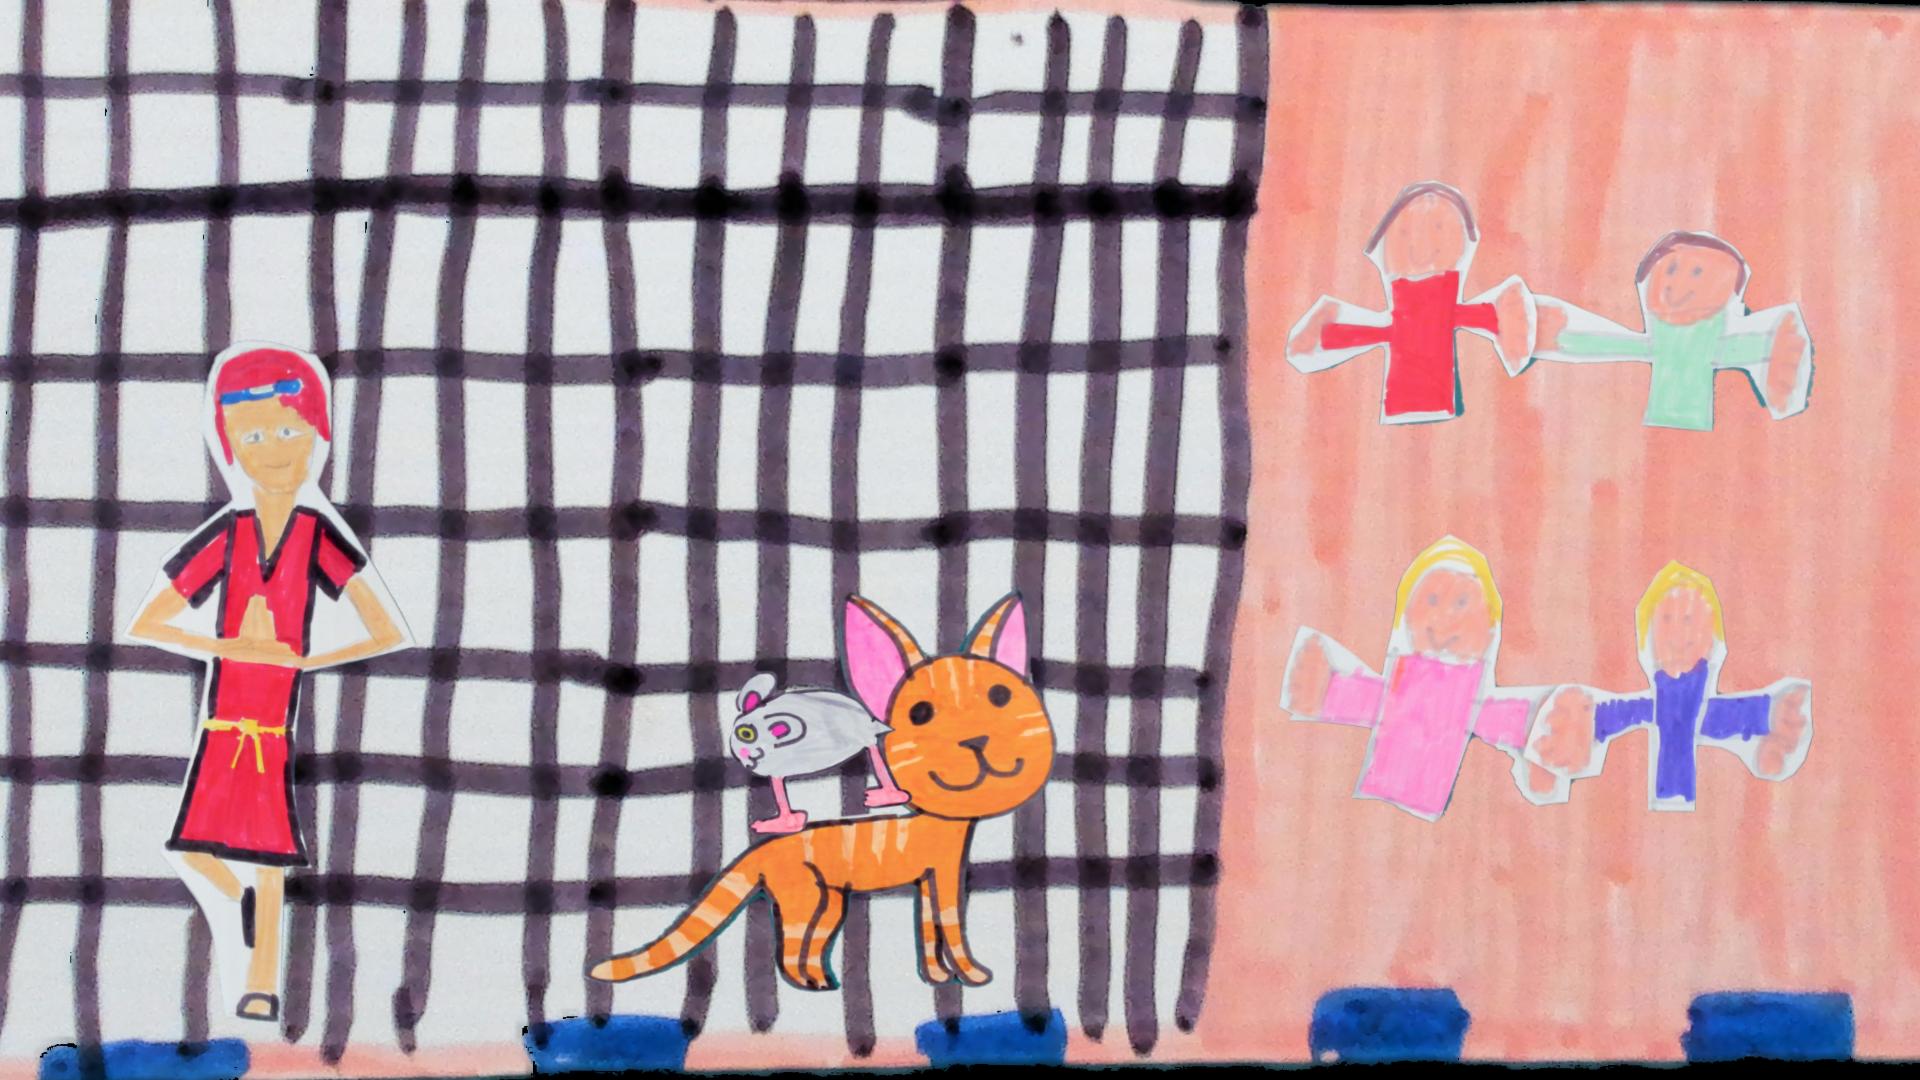 Katze vs. Hamster - Der Film